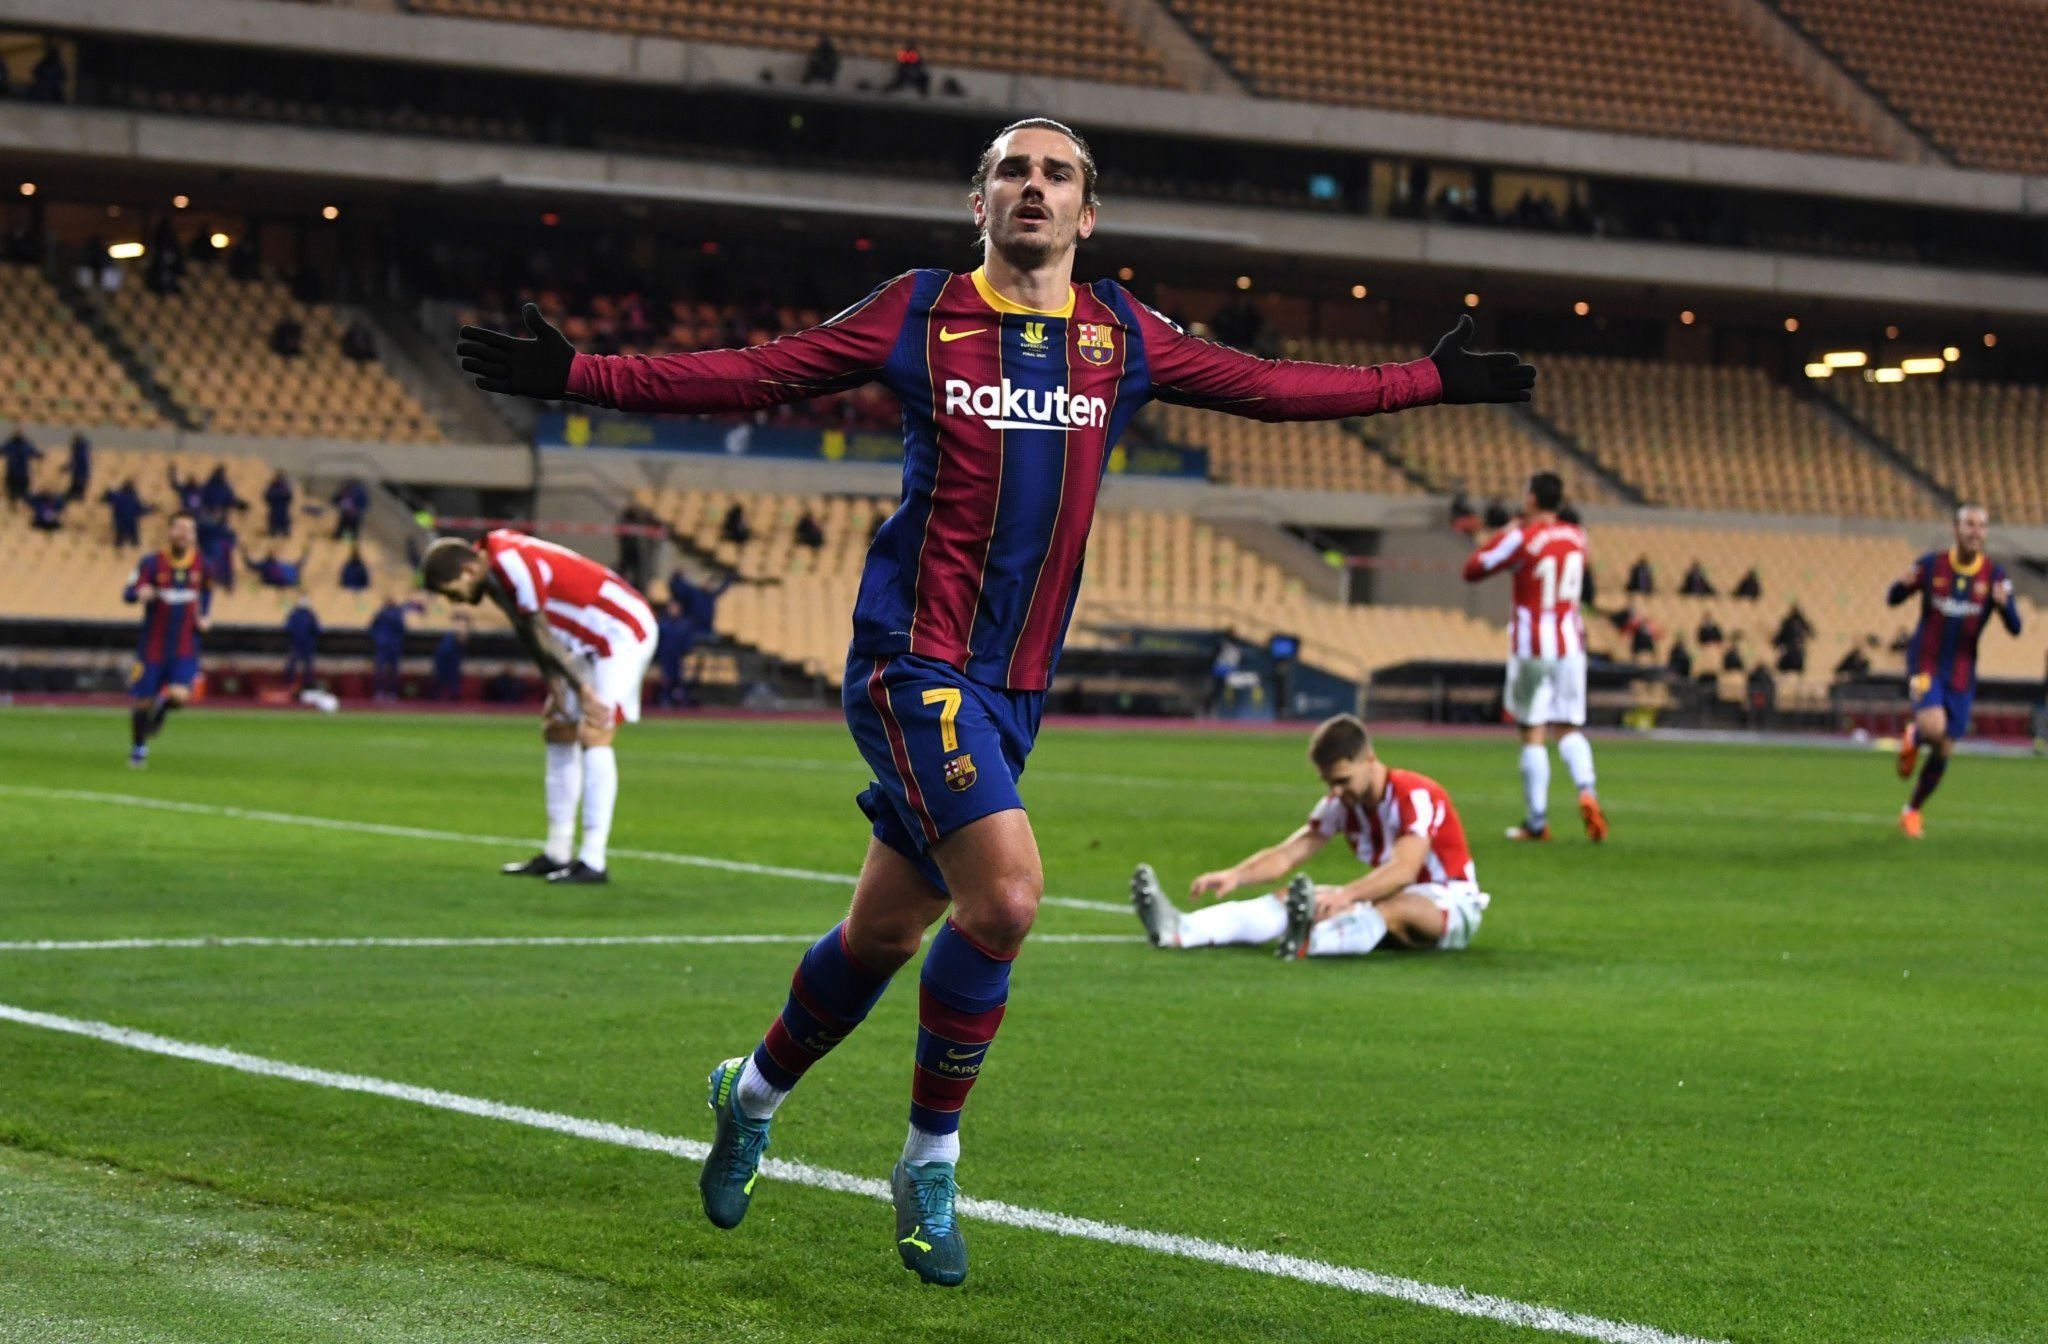 Суперкубок Испании. Барселона - Атлетик 2:3. Характер сильнее трофейной жажды - изображение 3